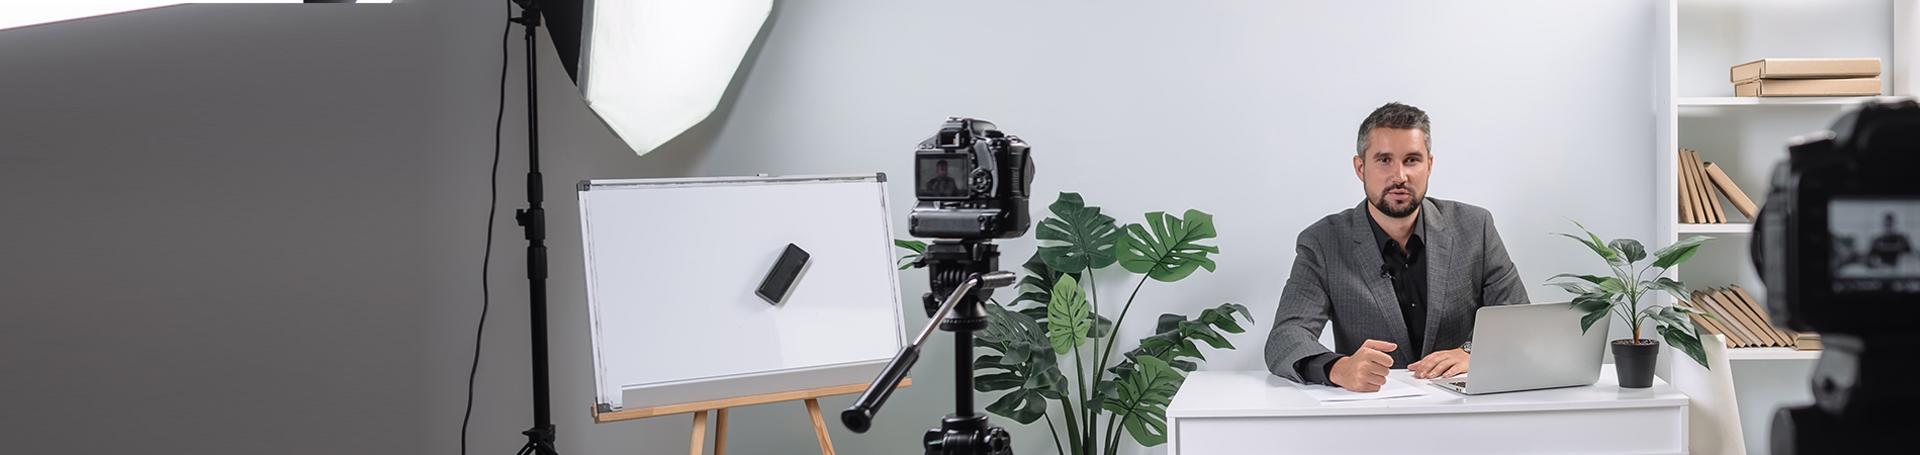 Mann im Anzug sitzt an Schreibtisch und redet in zwei Kameras